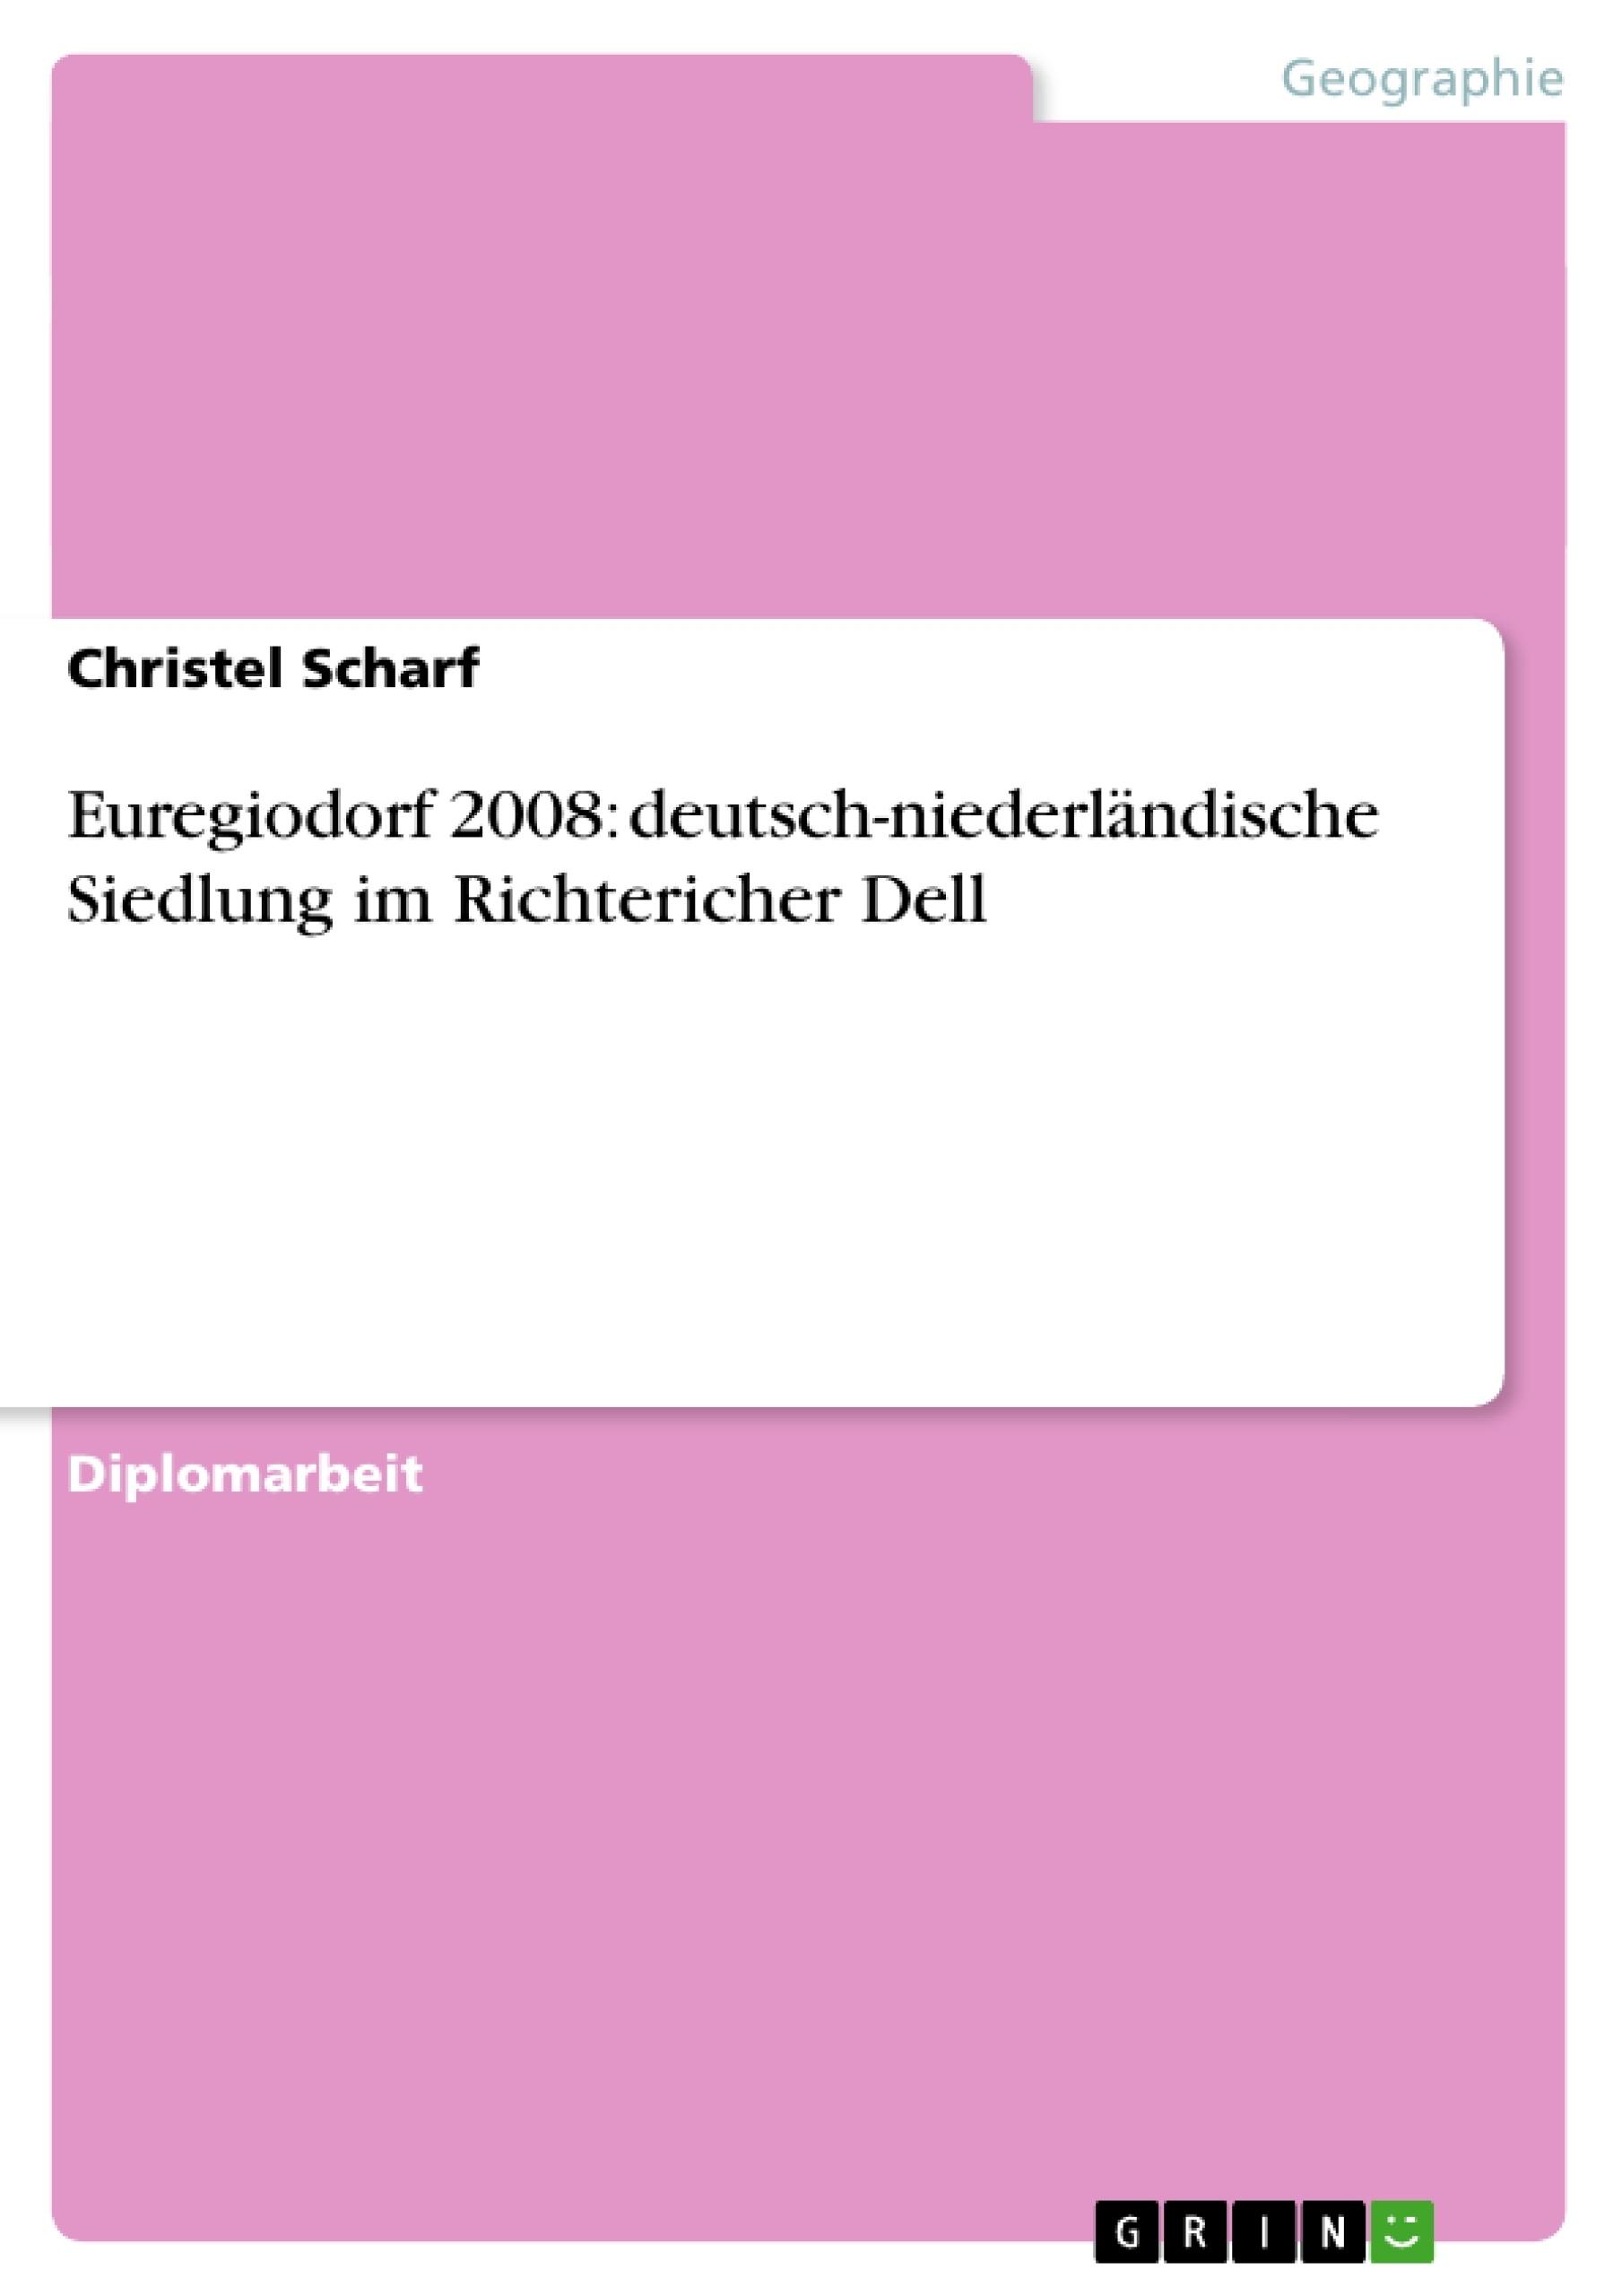 Titel: Euregiodorf 2008: deutsch-niederländische Siedlung im Richtericher Dell